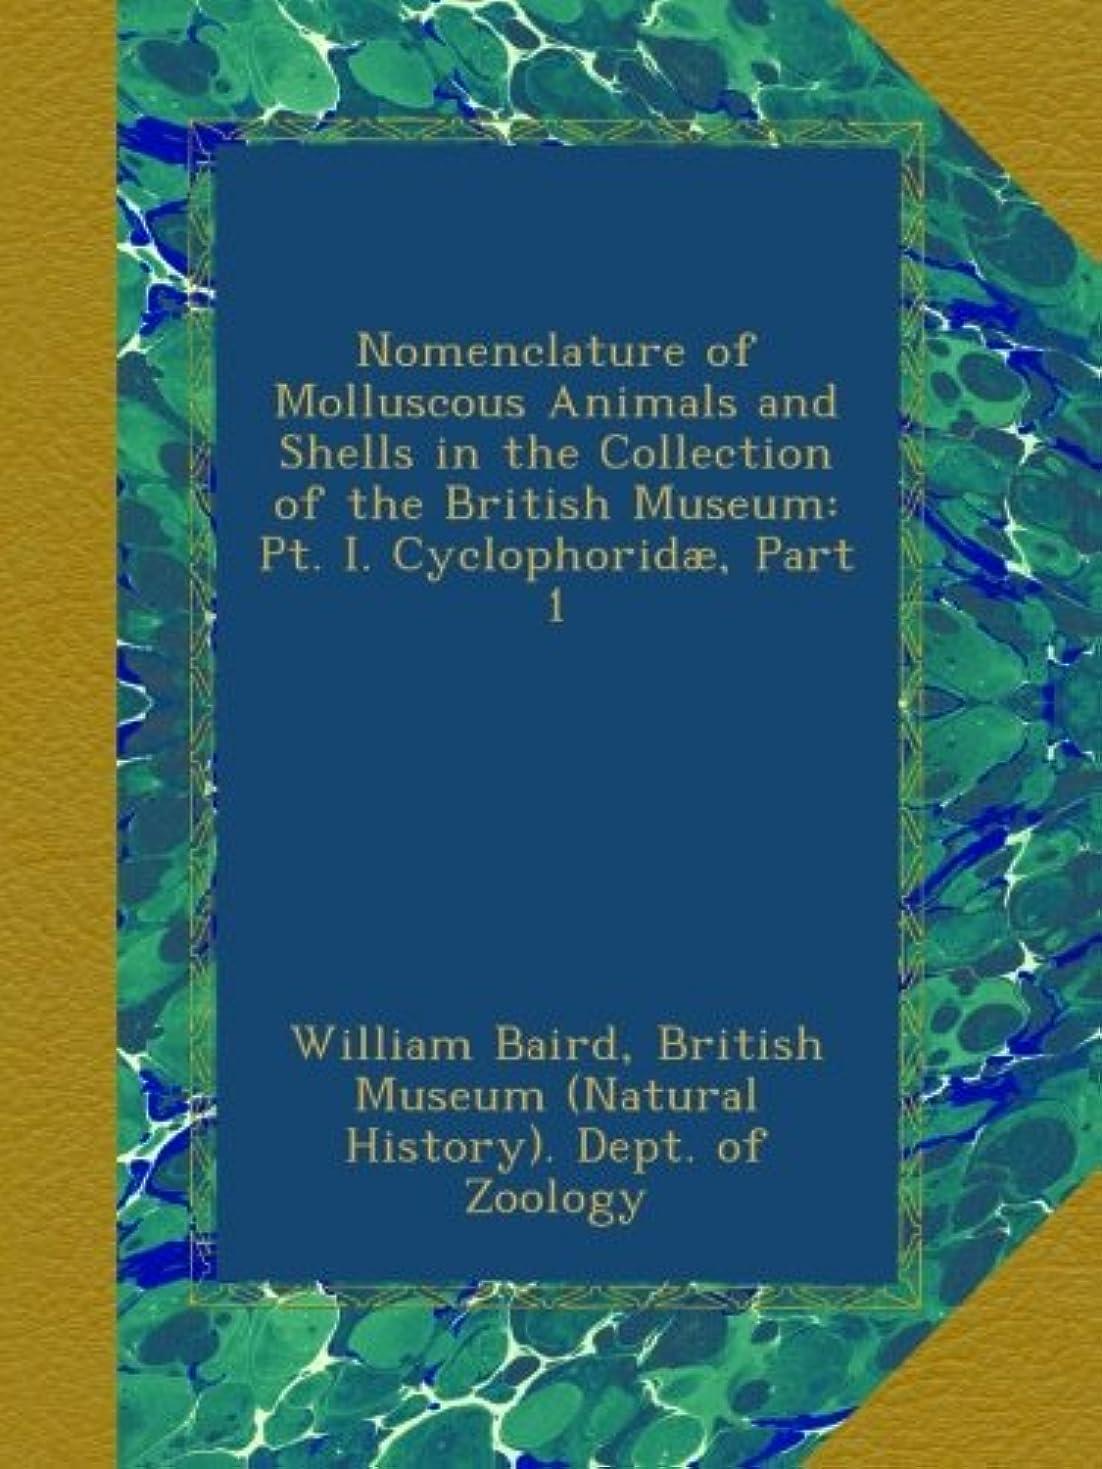 お手伝いさん道徳の鮮やかなNomenclature of Molluscous Animals and Shells in the Collection of the British Museum: Pt. I. Cyclophorid?, Part 1